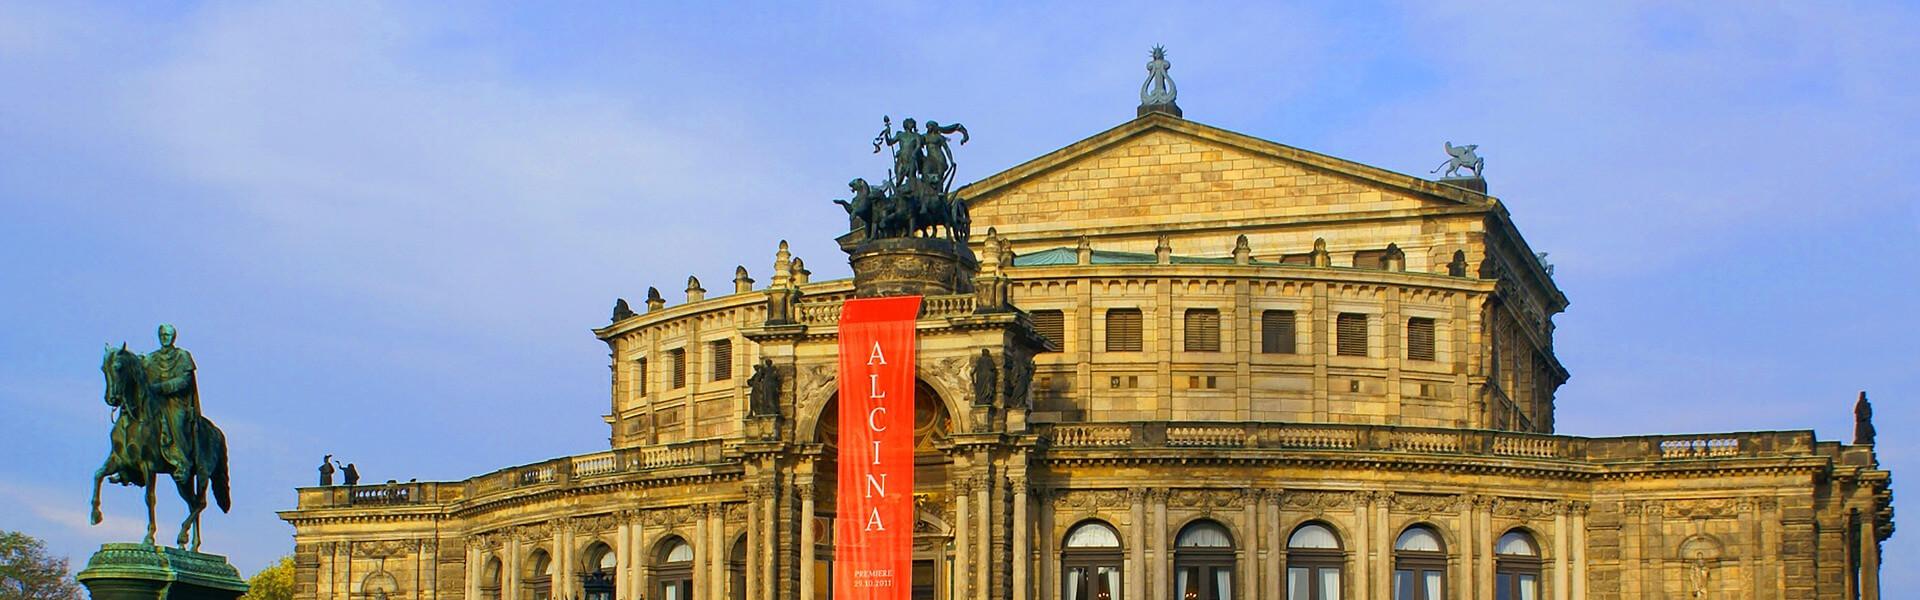 Kaufe die Fauna Audio-Brille in Dresden